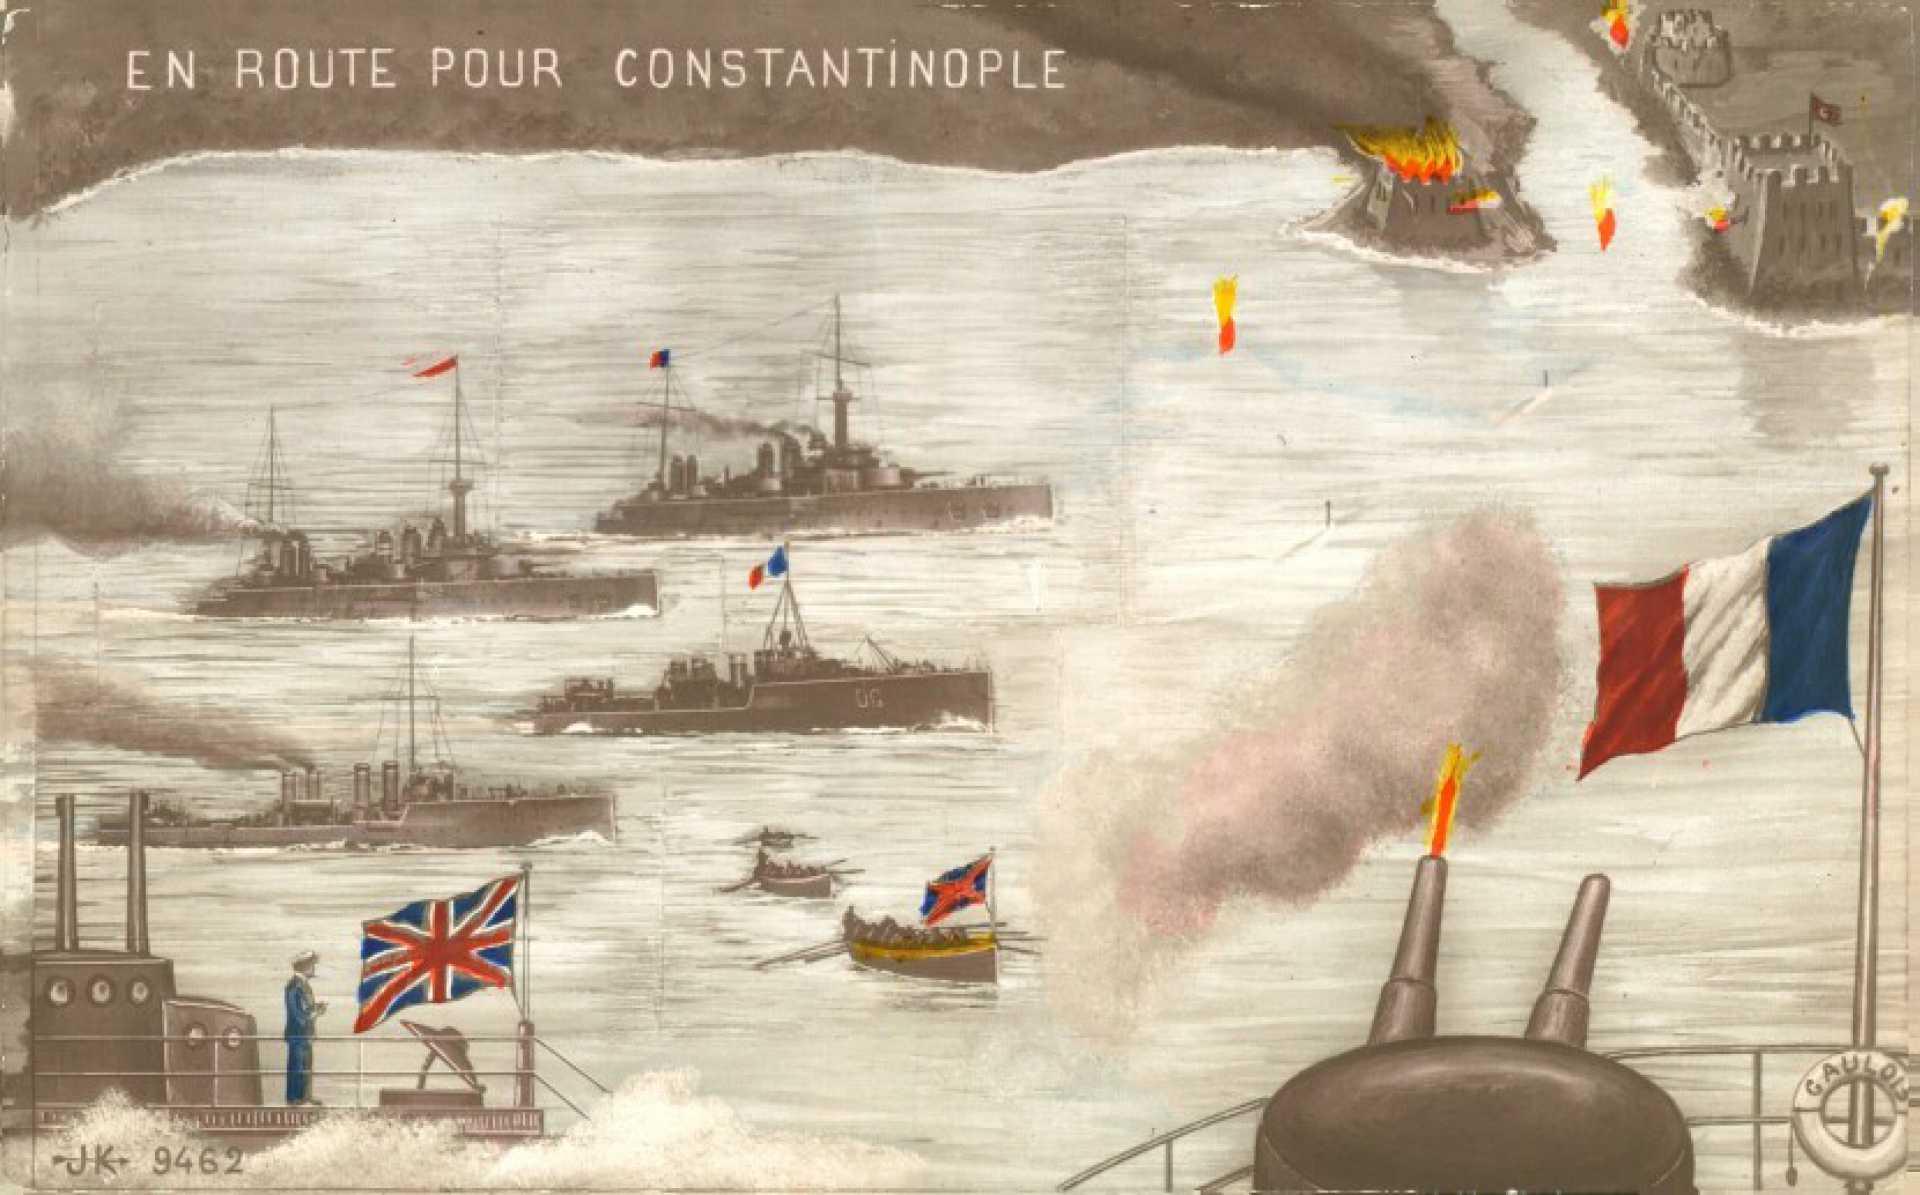 En route pour Constantinople